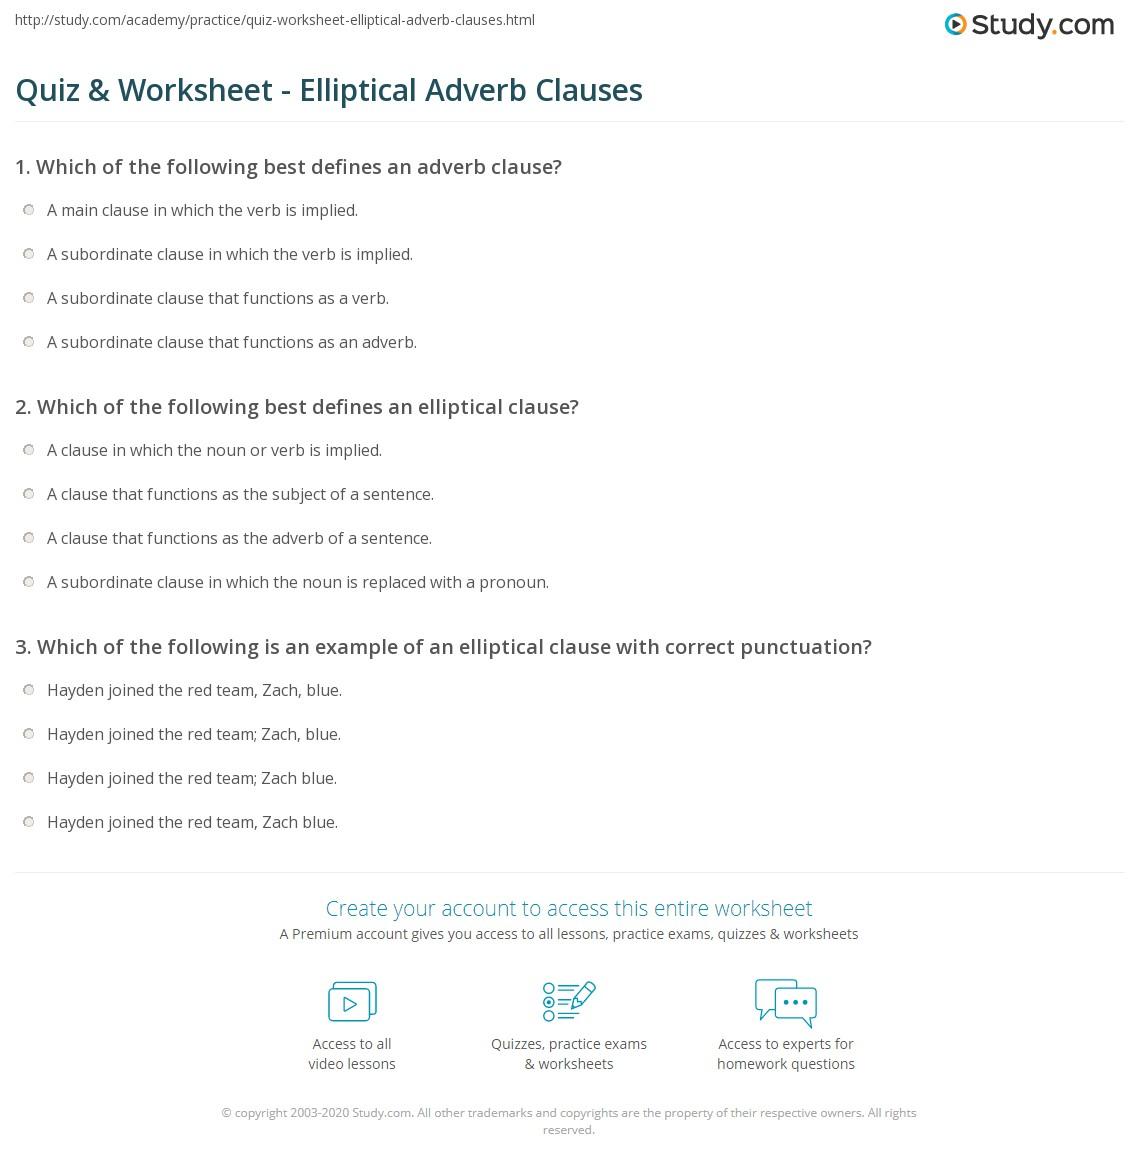 Quiz Worksheet Elliptical Adverb Clauses Study